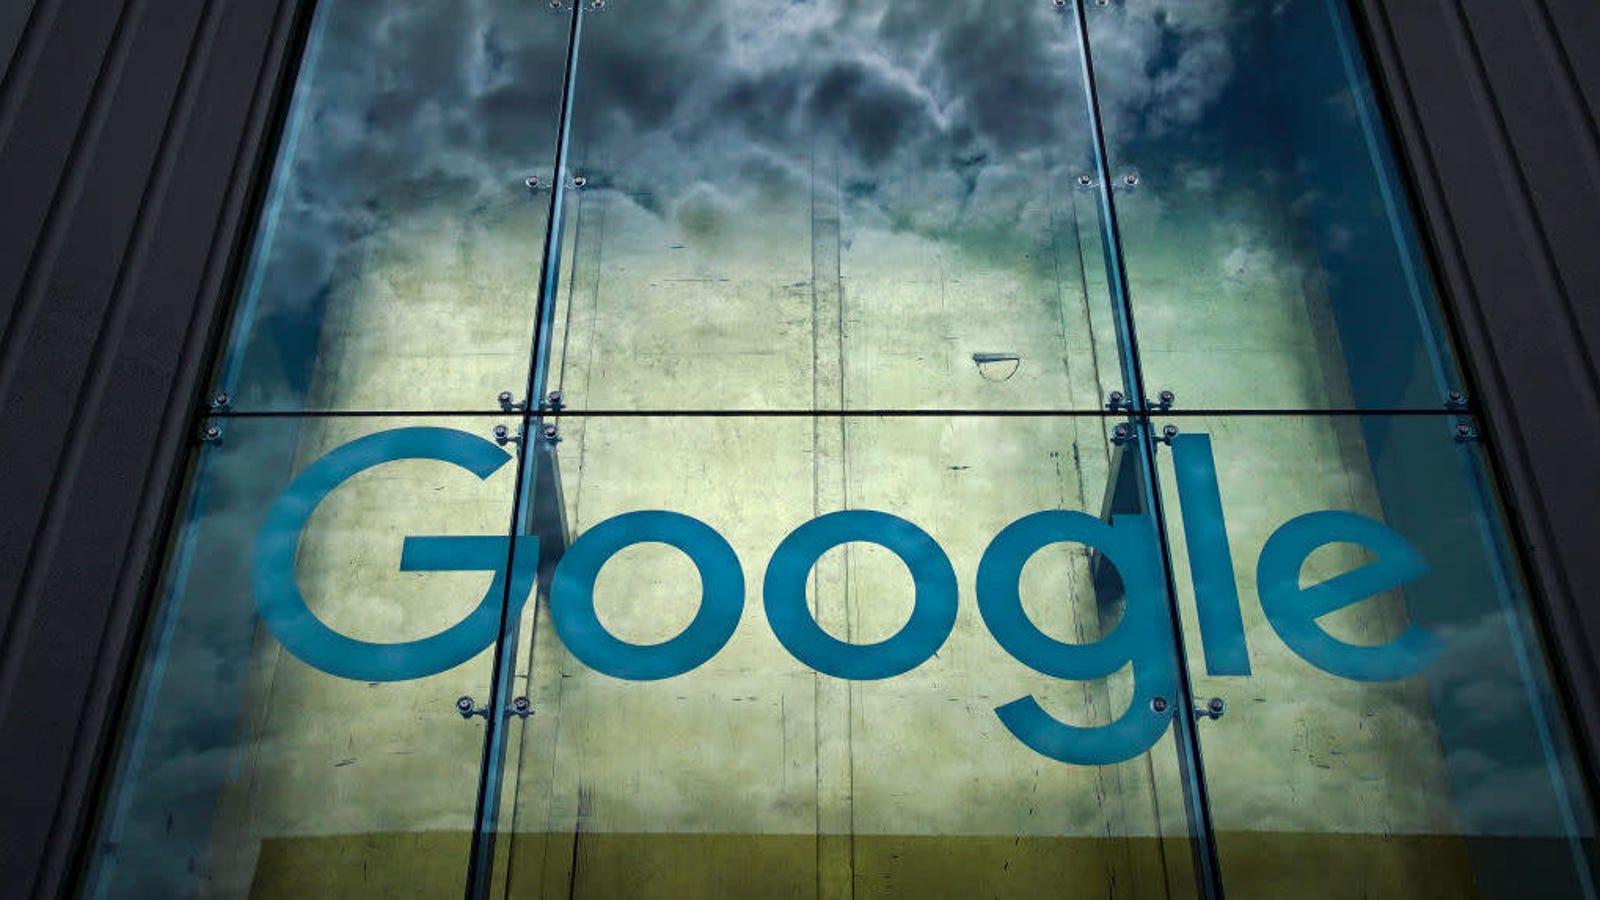 Google Contractors in Pennsylvania Vote to Unionize